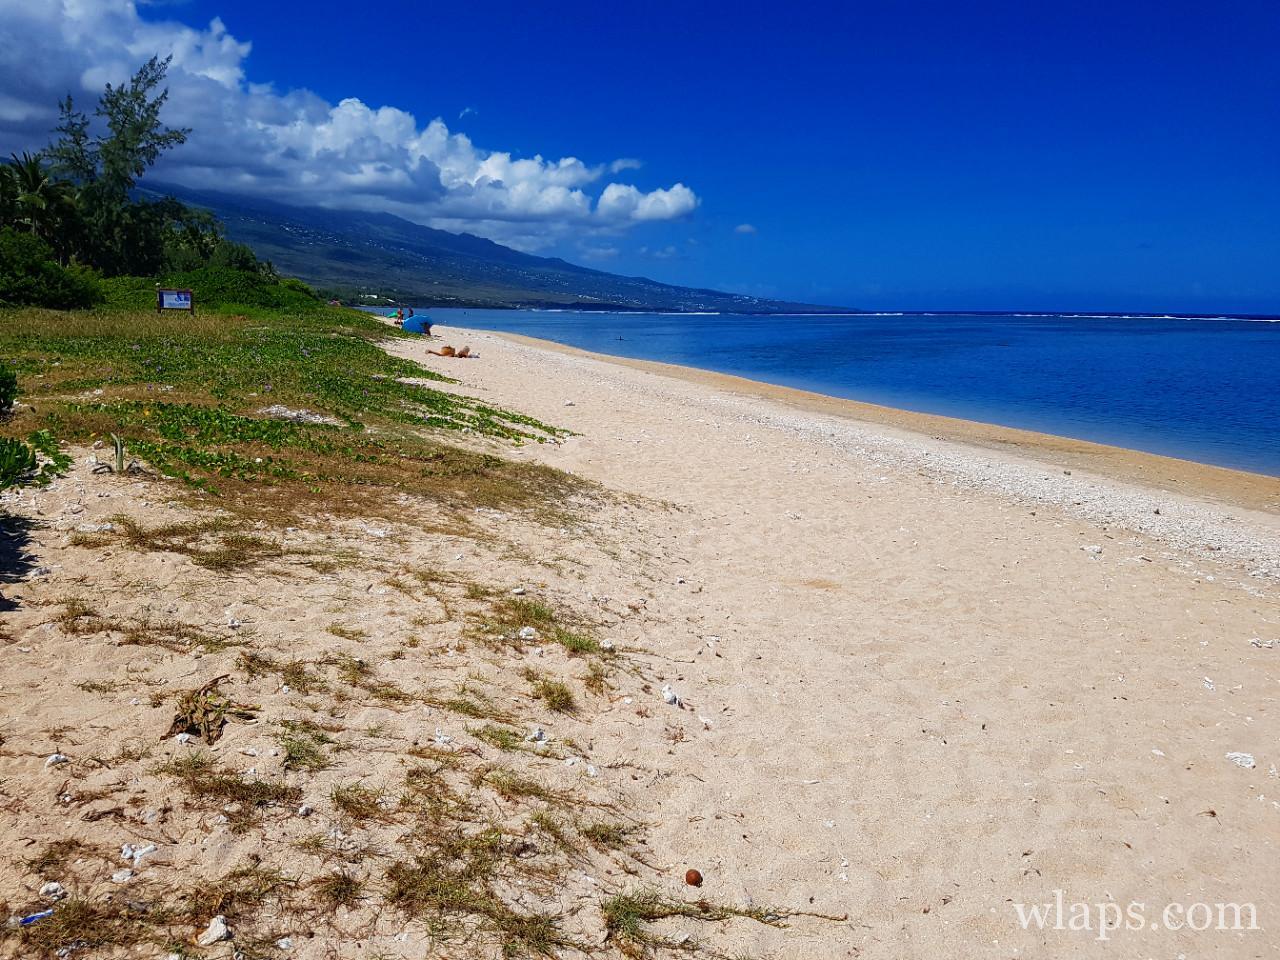 Plage de la Saline les Bains à l'ile de La Réunion